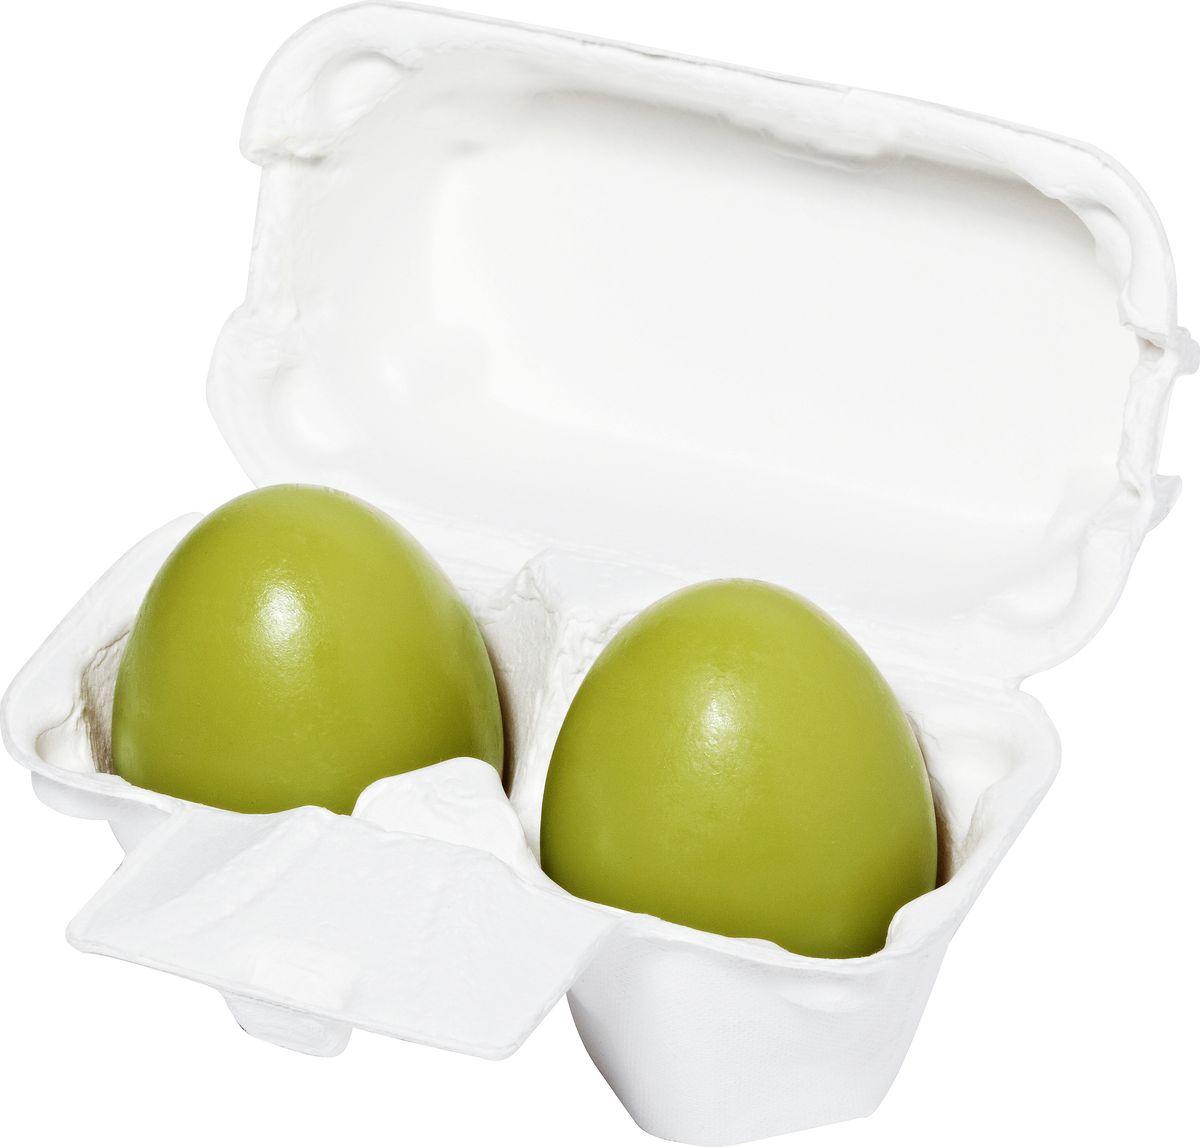 Holika Holika Мыло-маска с зеленым чаем , 50г+50г72523WDМало-маска с экстрактом зеленого чая увлажняет кожу, предотвращает появление морщин, убирает темные круги под глазами. Содержит большое количество витамина С, который выравнивает цвет и тон кожи. Применение: используйте ежедневно как мыло для умывания, вспенив в теплой воде. Намылить лицо, смыть. Или используйте как маску 1-2 раза в неделю: намочите лицо, массажируйте до образования тонкого мыльного слоя на коже, оставьте на 10 минут, затем смойте теплой водой. Объём: 50 г*2. Срок годности: 30 месяцев с даты, указанной на упаковке. Состав: миристиновая кислота, стеариновая кислота, триэтаноламин, лауриловая кислота, пальмитиновая кислота, глицерин, очищенная вода, гидроксид натрия, динатрия лаурил сульфосукцинат, ароматизатор, гидролизованный яичный белок, экстракт листьев камелии китайской, триклозан, диоксид титана, тетранатрия ЭДТА.